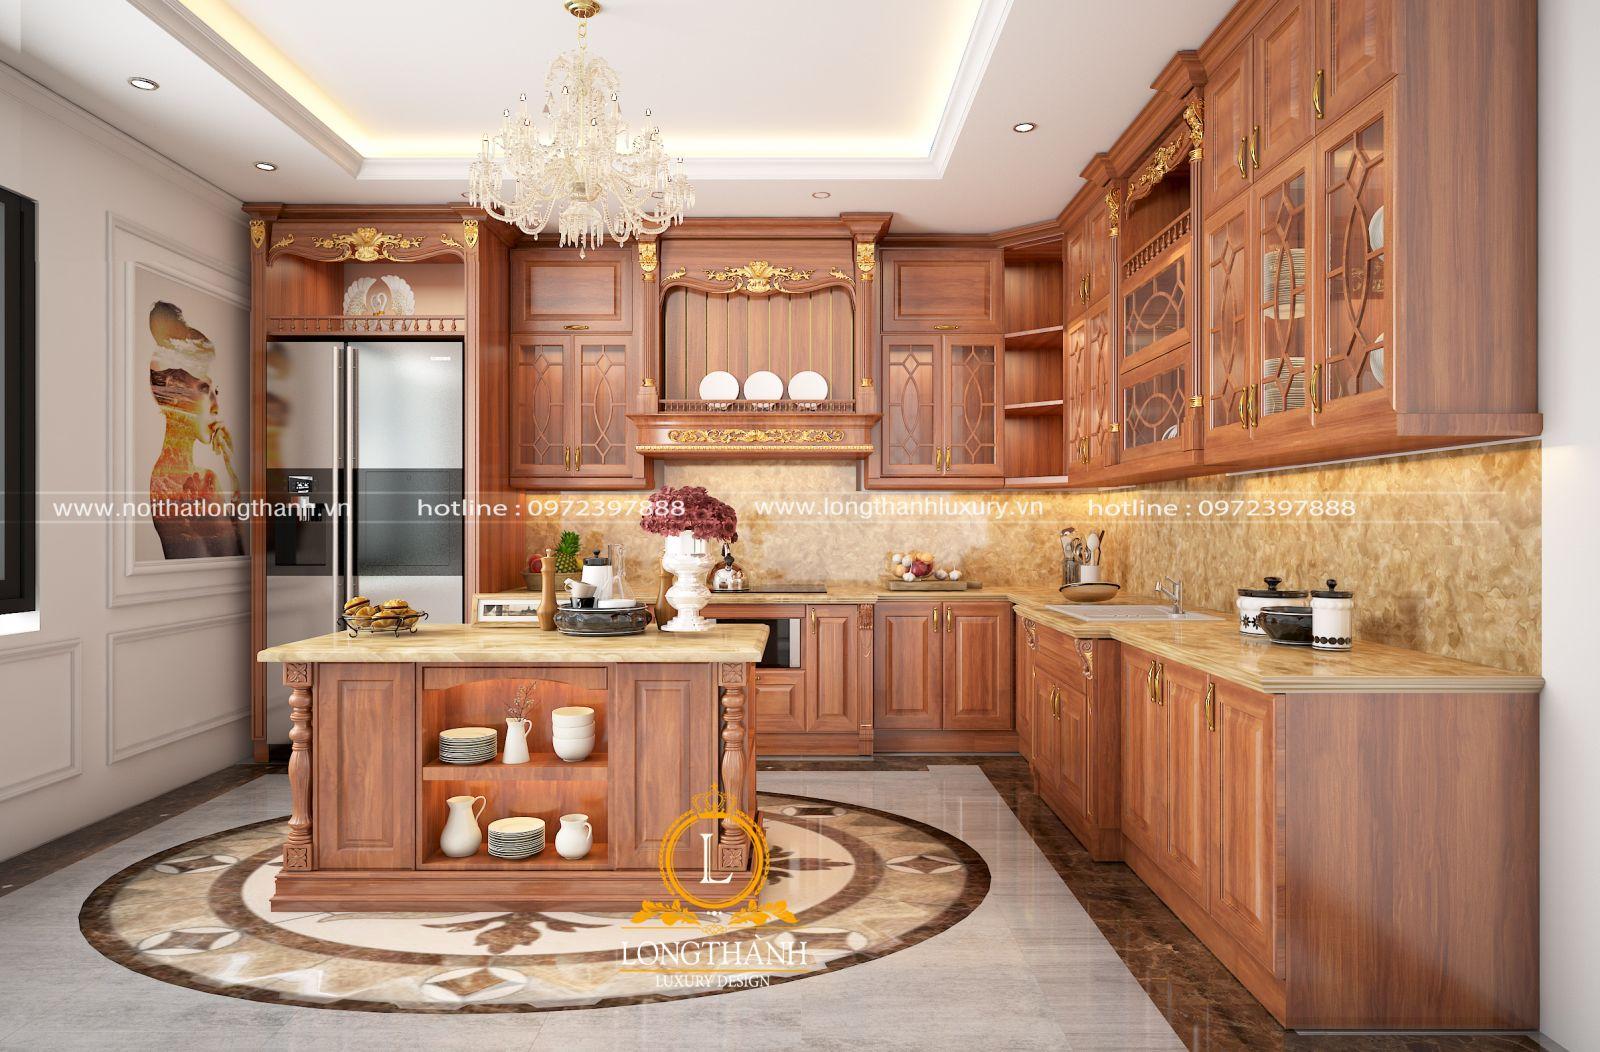 Tủ bếp gỗ tự nhiên của Nội thất Long Thành và những điều bạn chưa biết